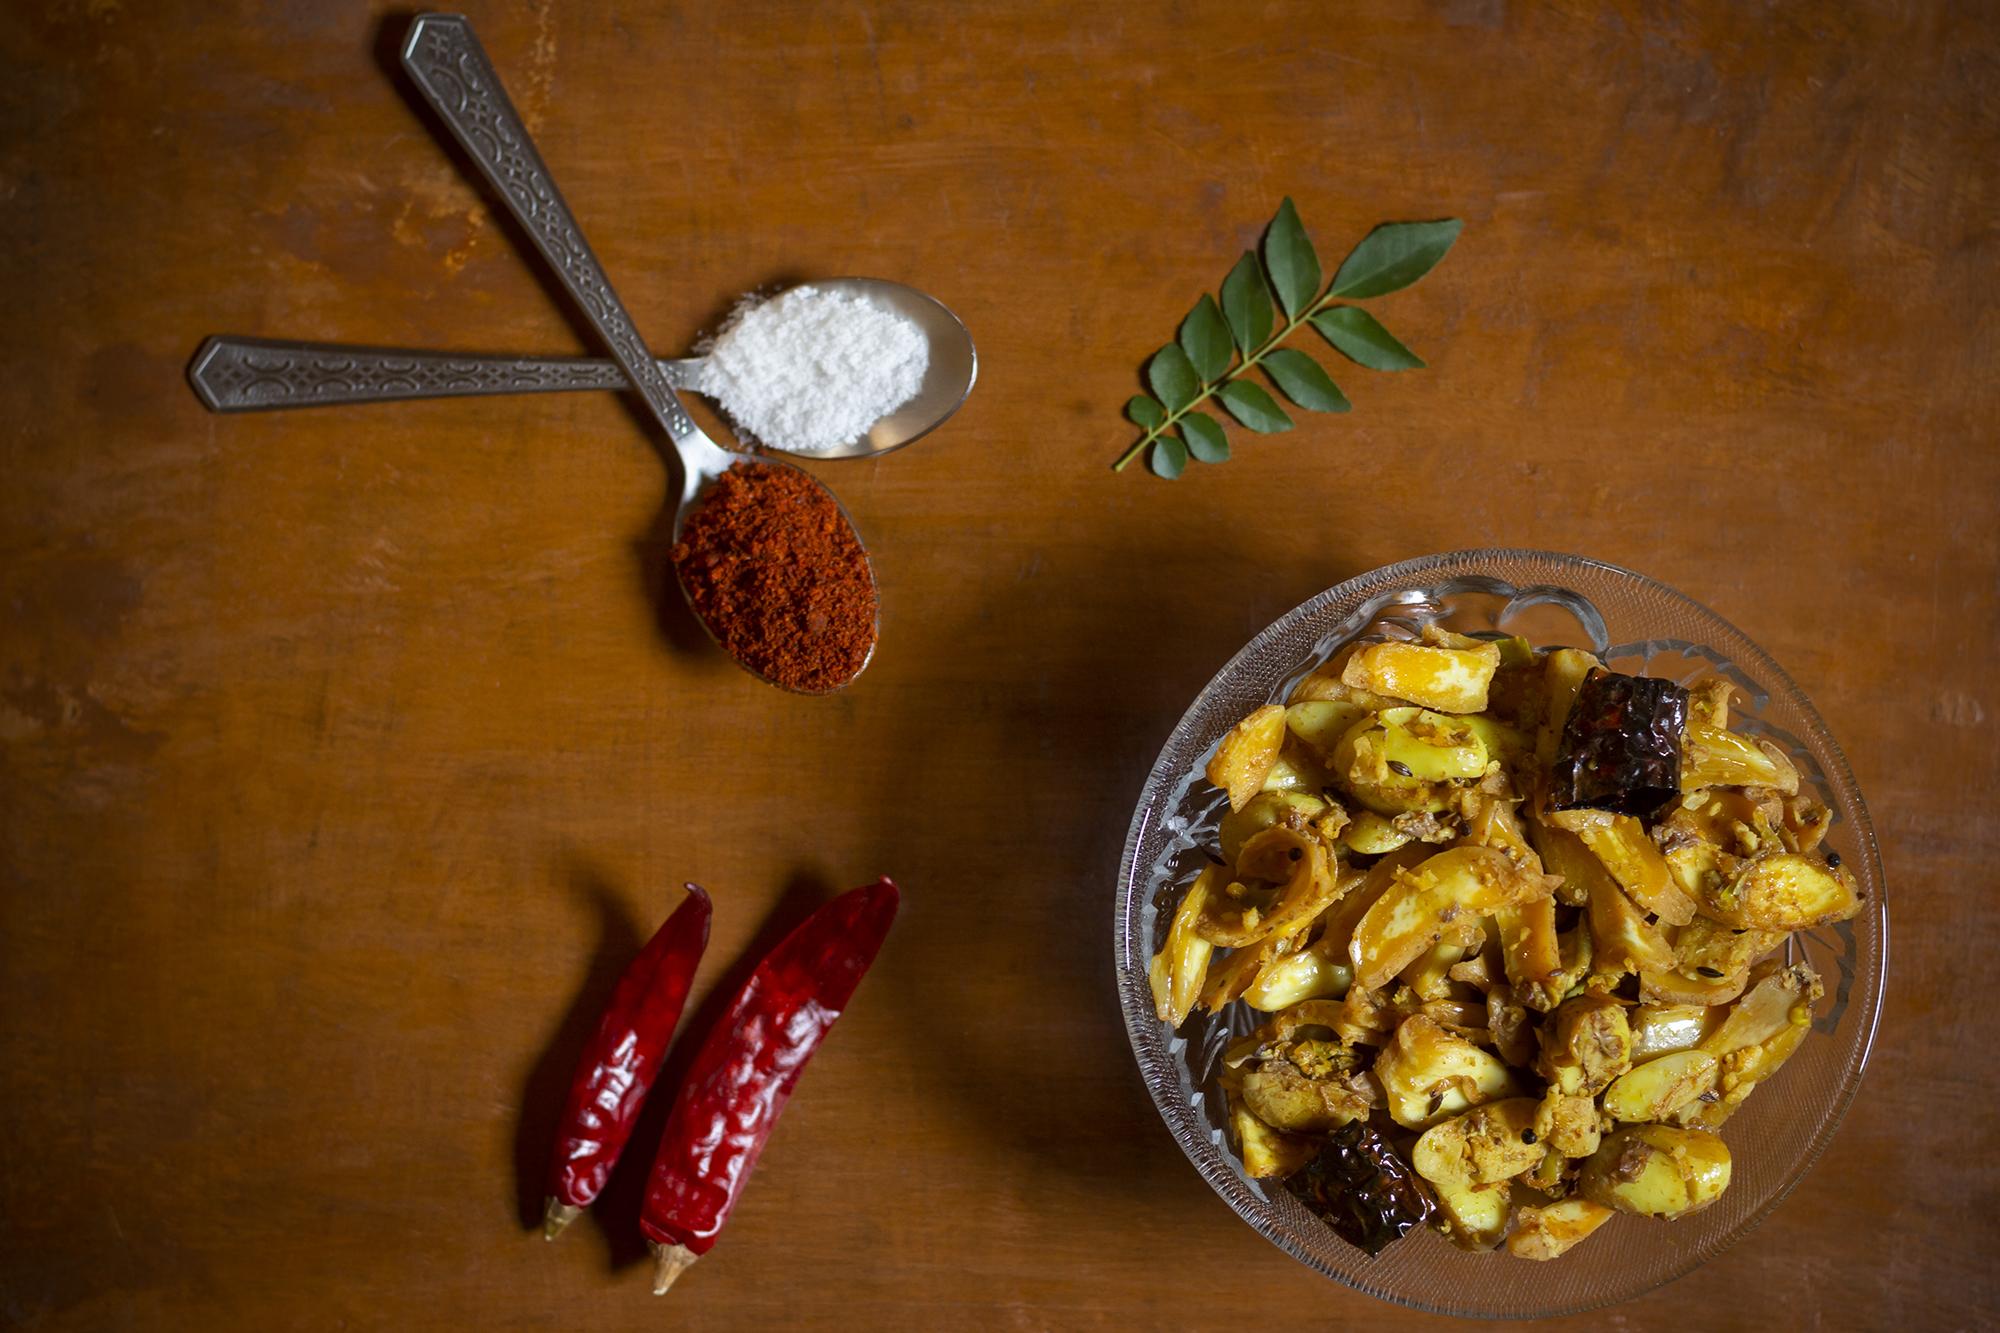 A traditional savory dish of raw jackfruit from Konkan region of Maharashtra